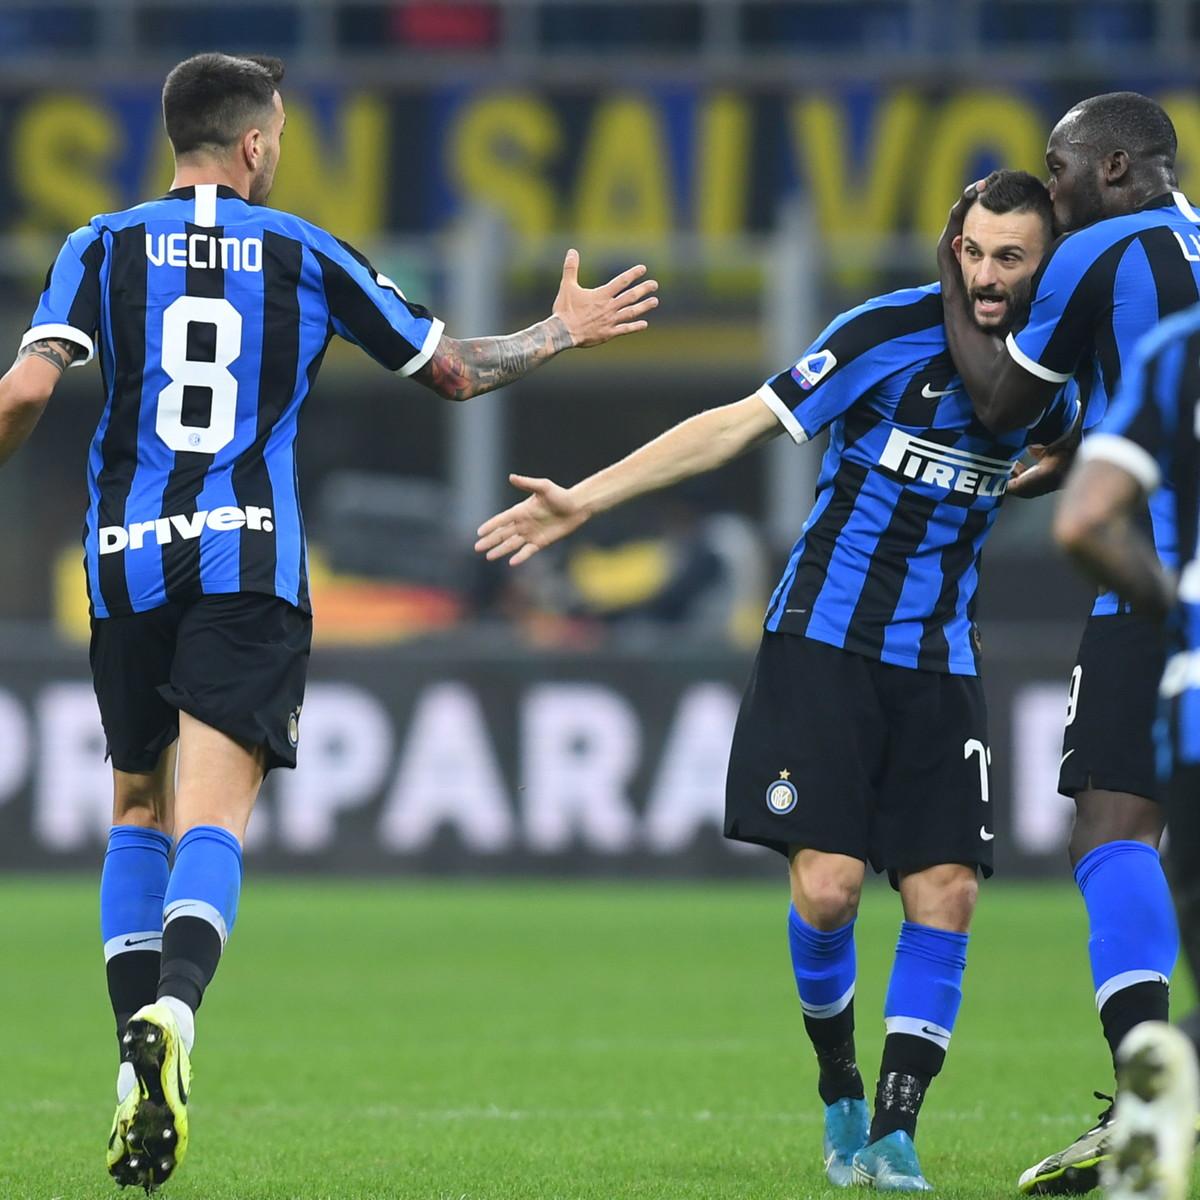 Serie A, Inter-Verona 2-1: Vecino e Barella firmano la rimonta